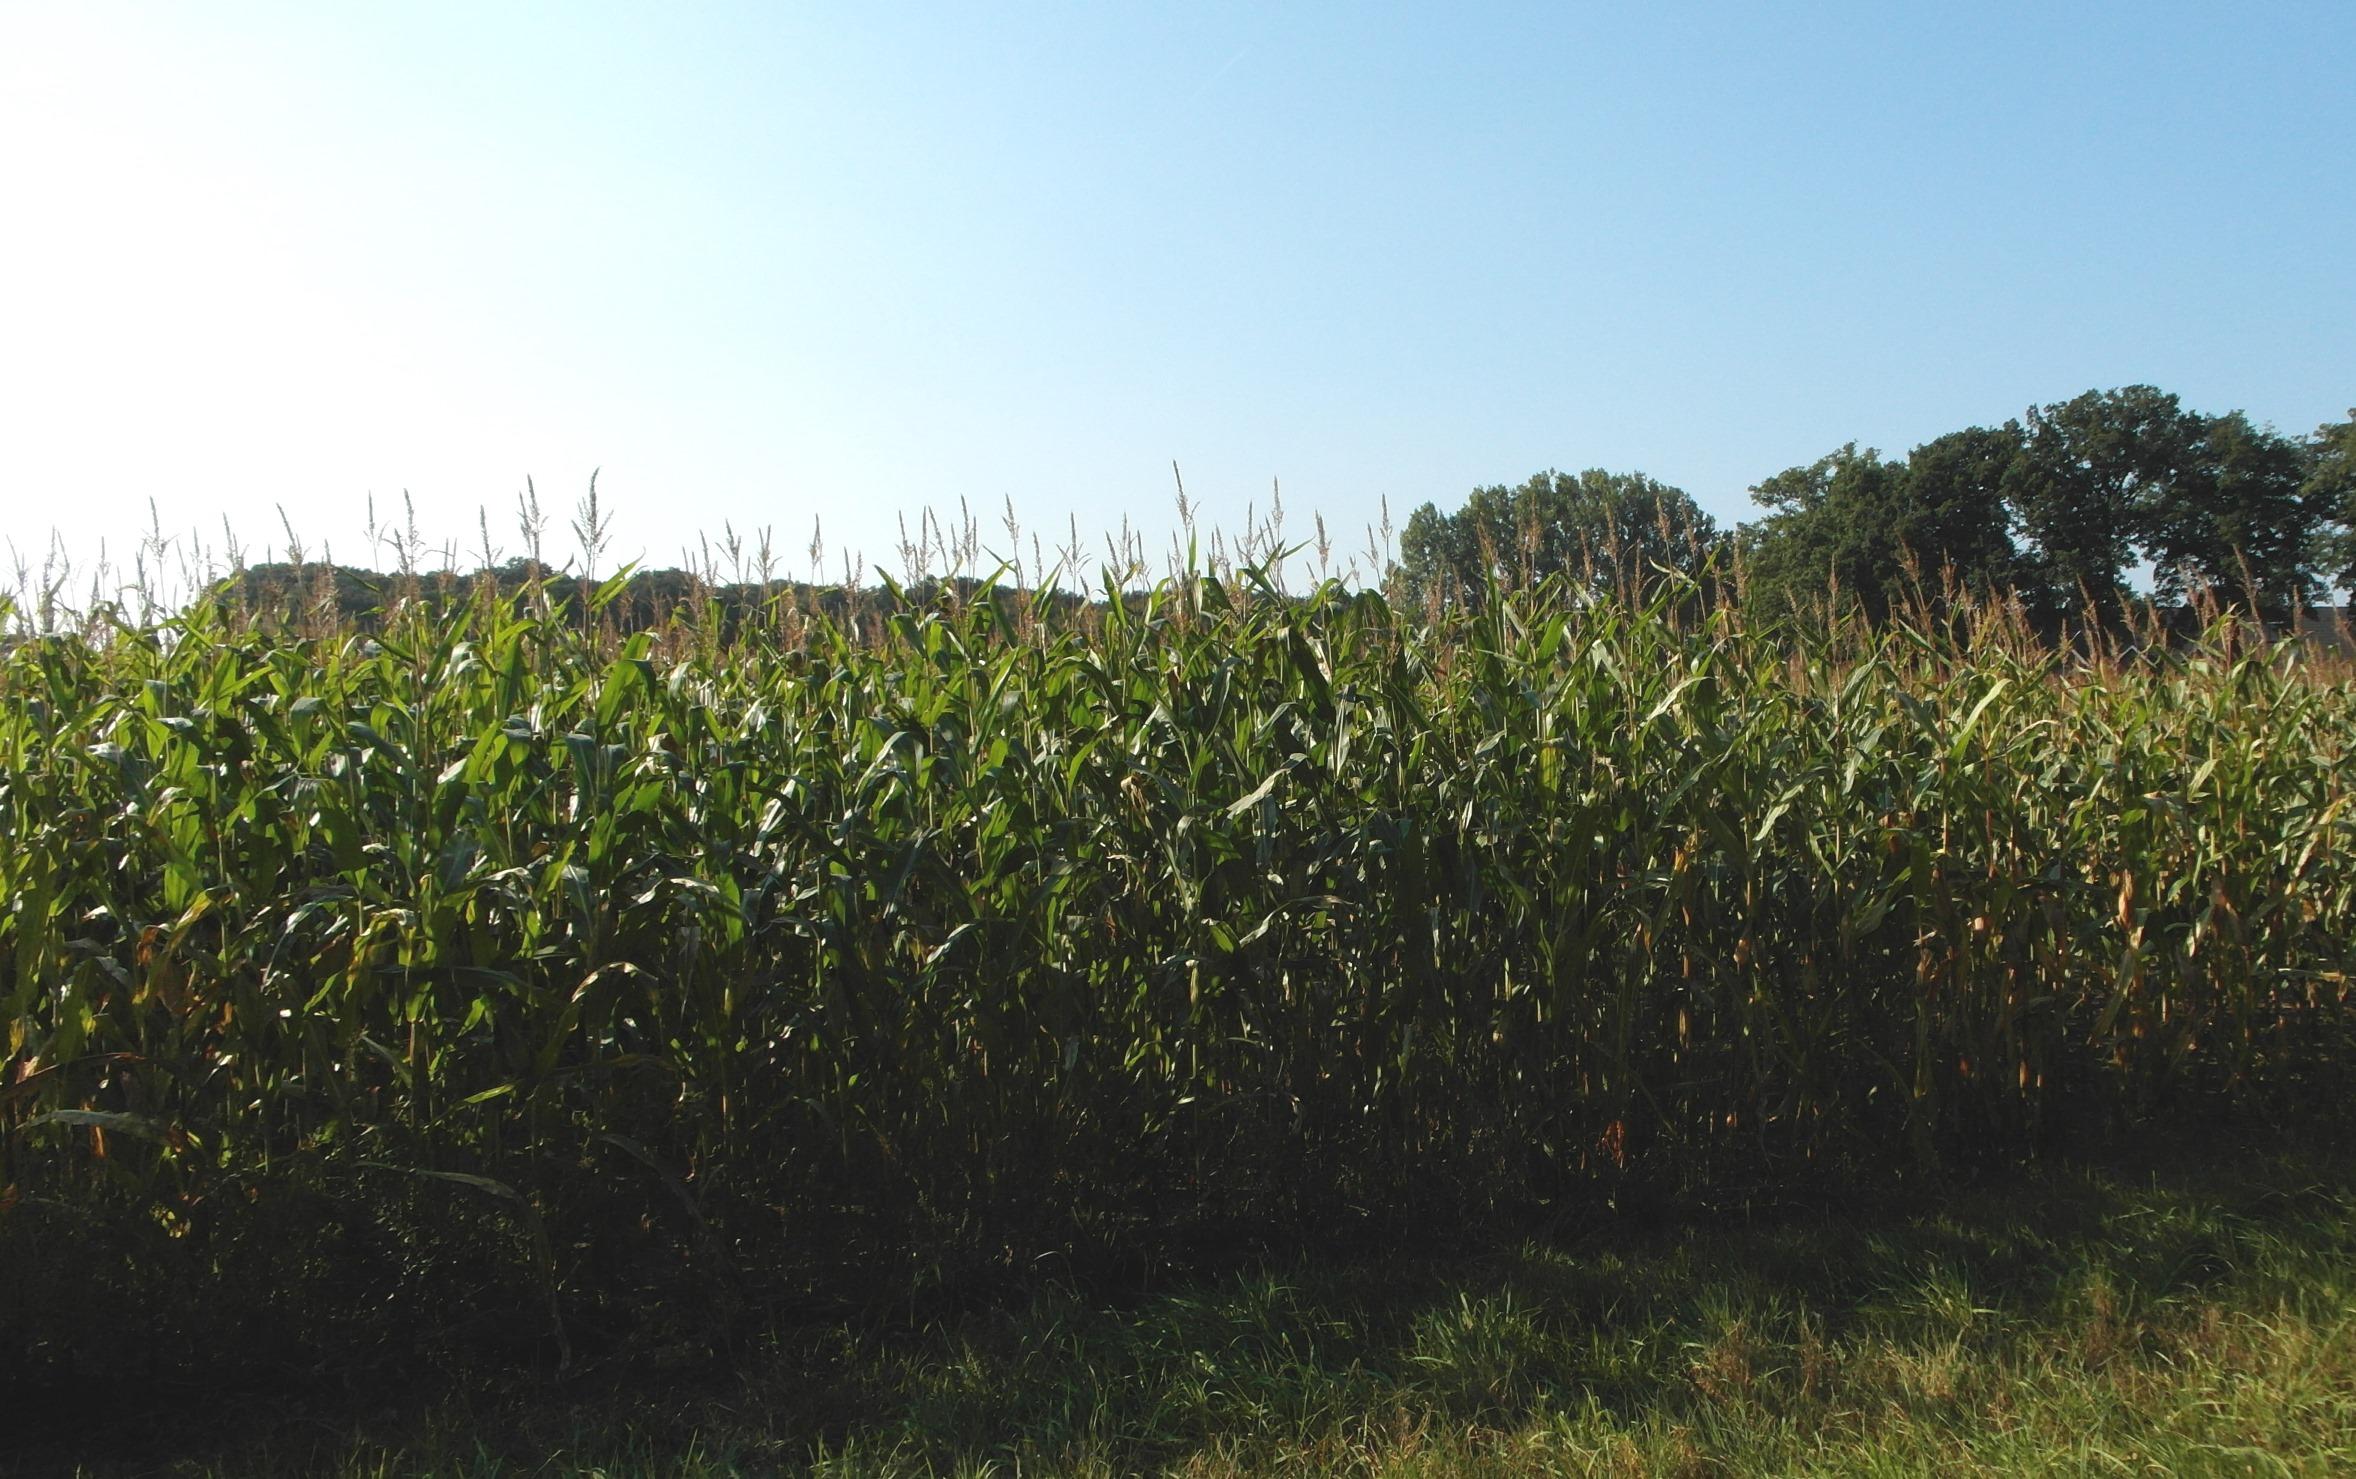 Der Mais wächst